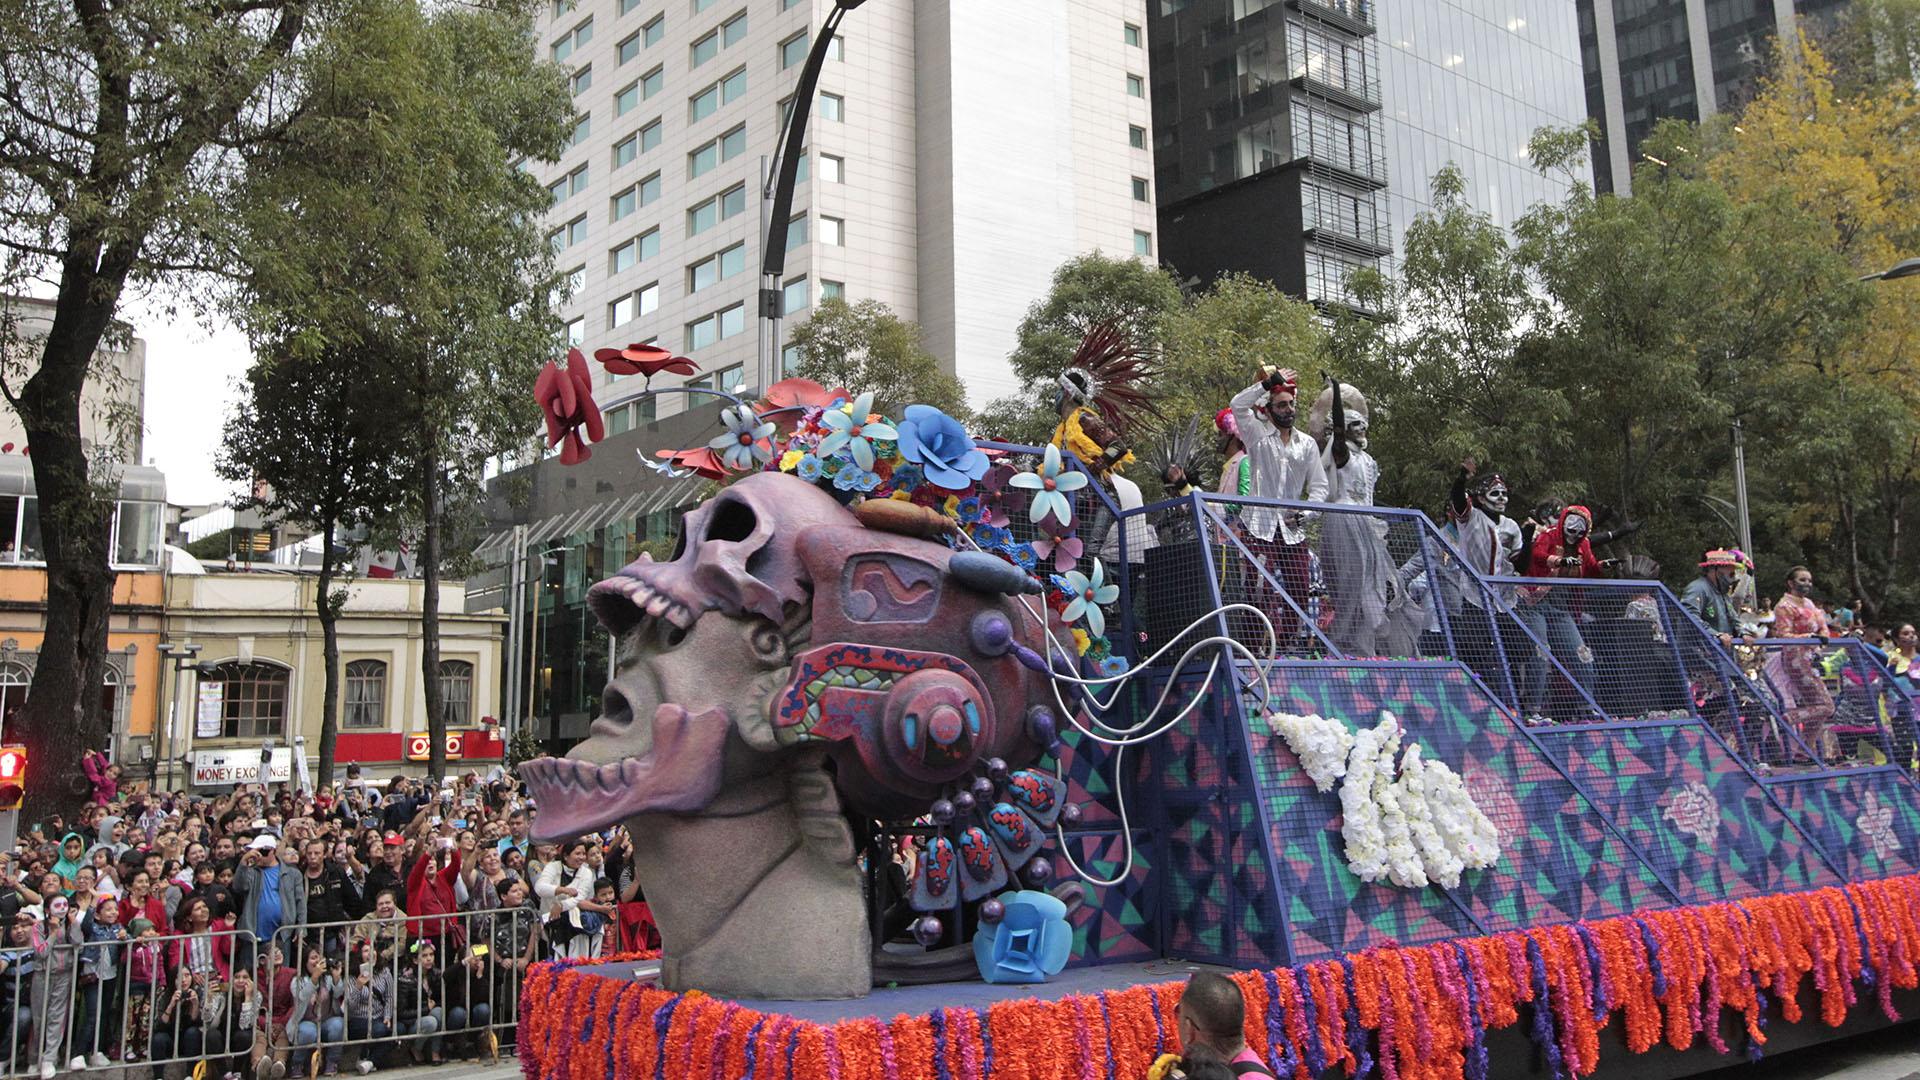 De acuerdo con el Gobierno capitalino, se espera que todas las actividades relacionadas con el Día de Muertos reciban en su conjunto alrededor de cuatro millones de visitantes